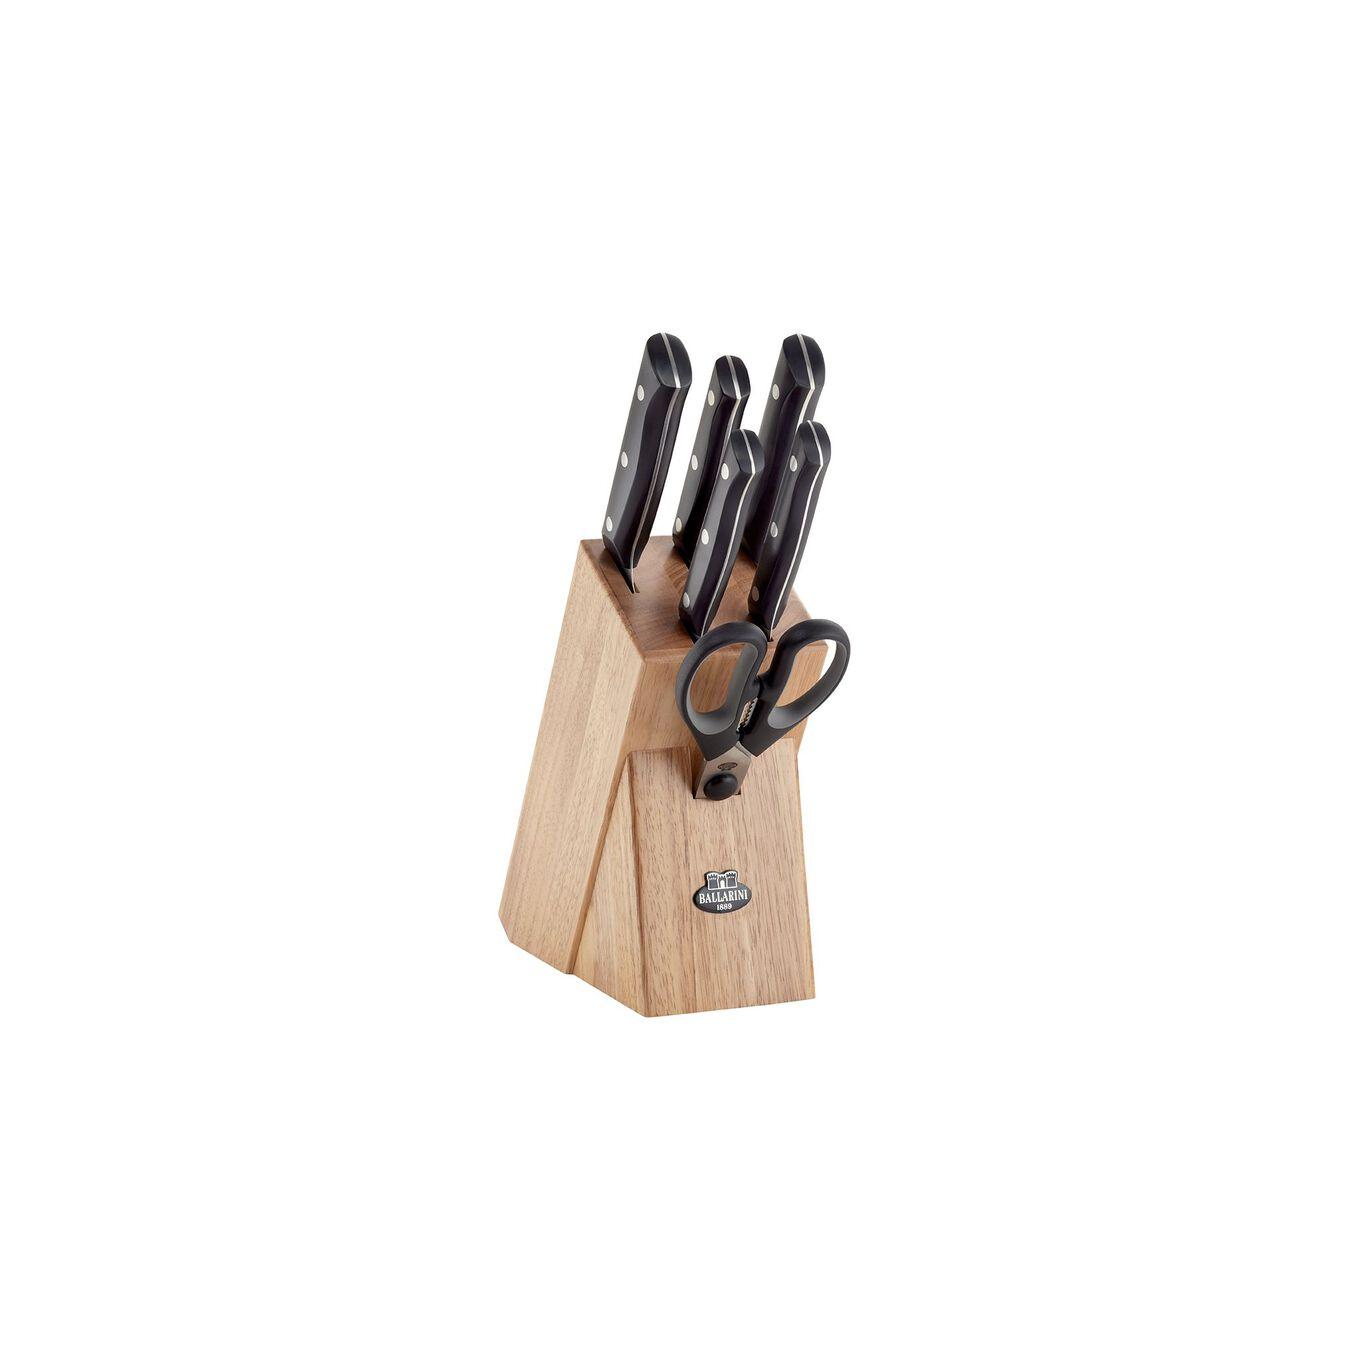 Bloc de couteaux 7-pcs, Bois d'hévéa,,large 8